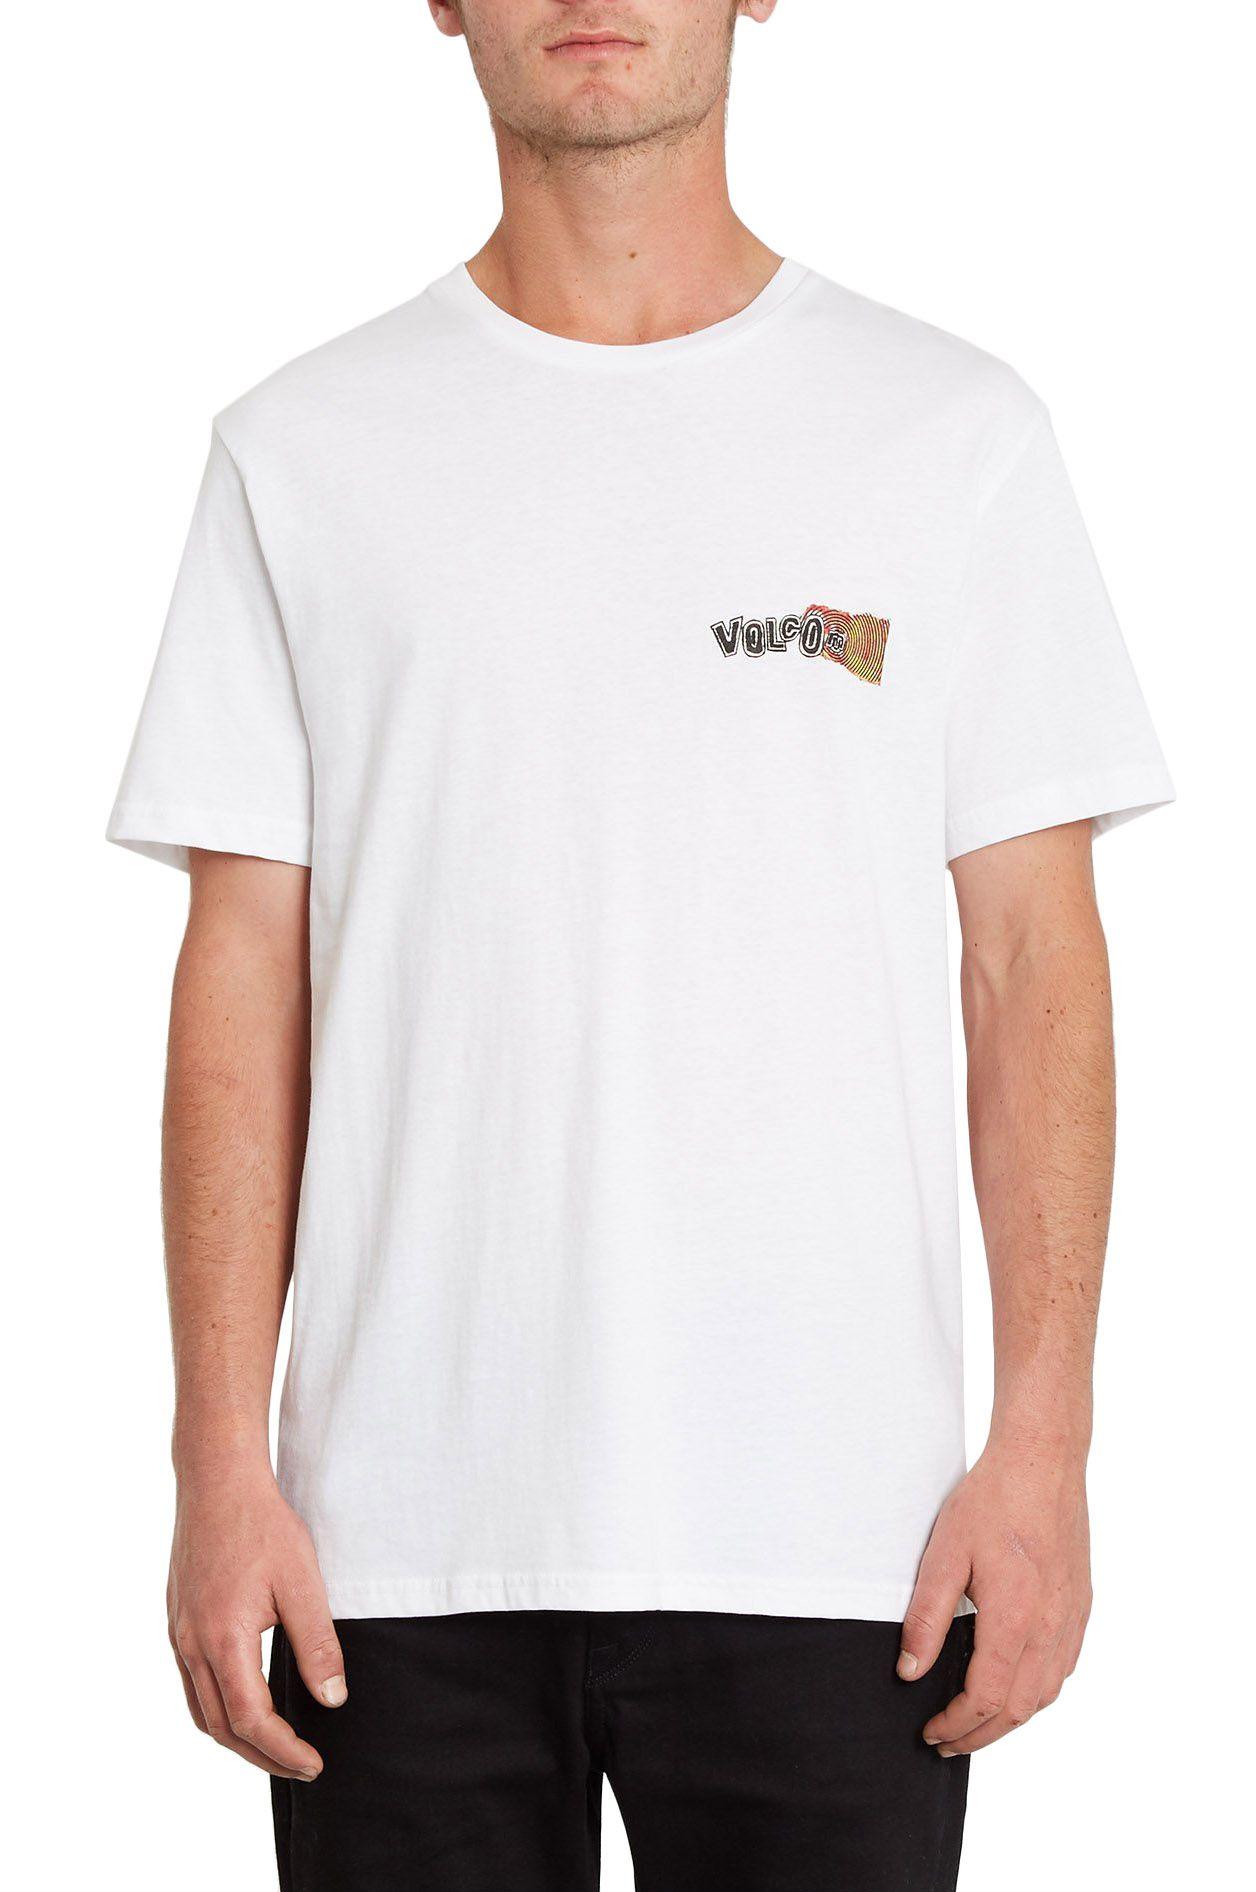 T-Shirt Volcom WORLDS COLLIDE BSC SS White